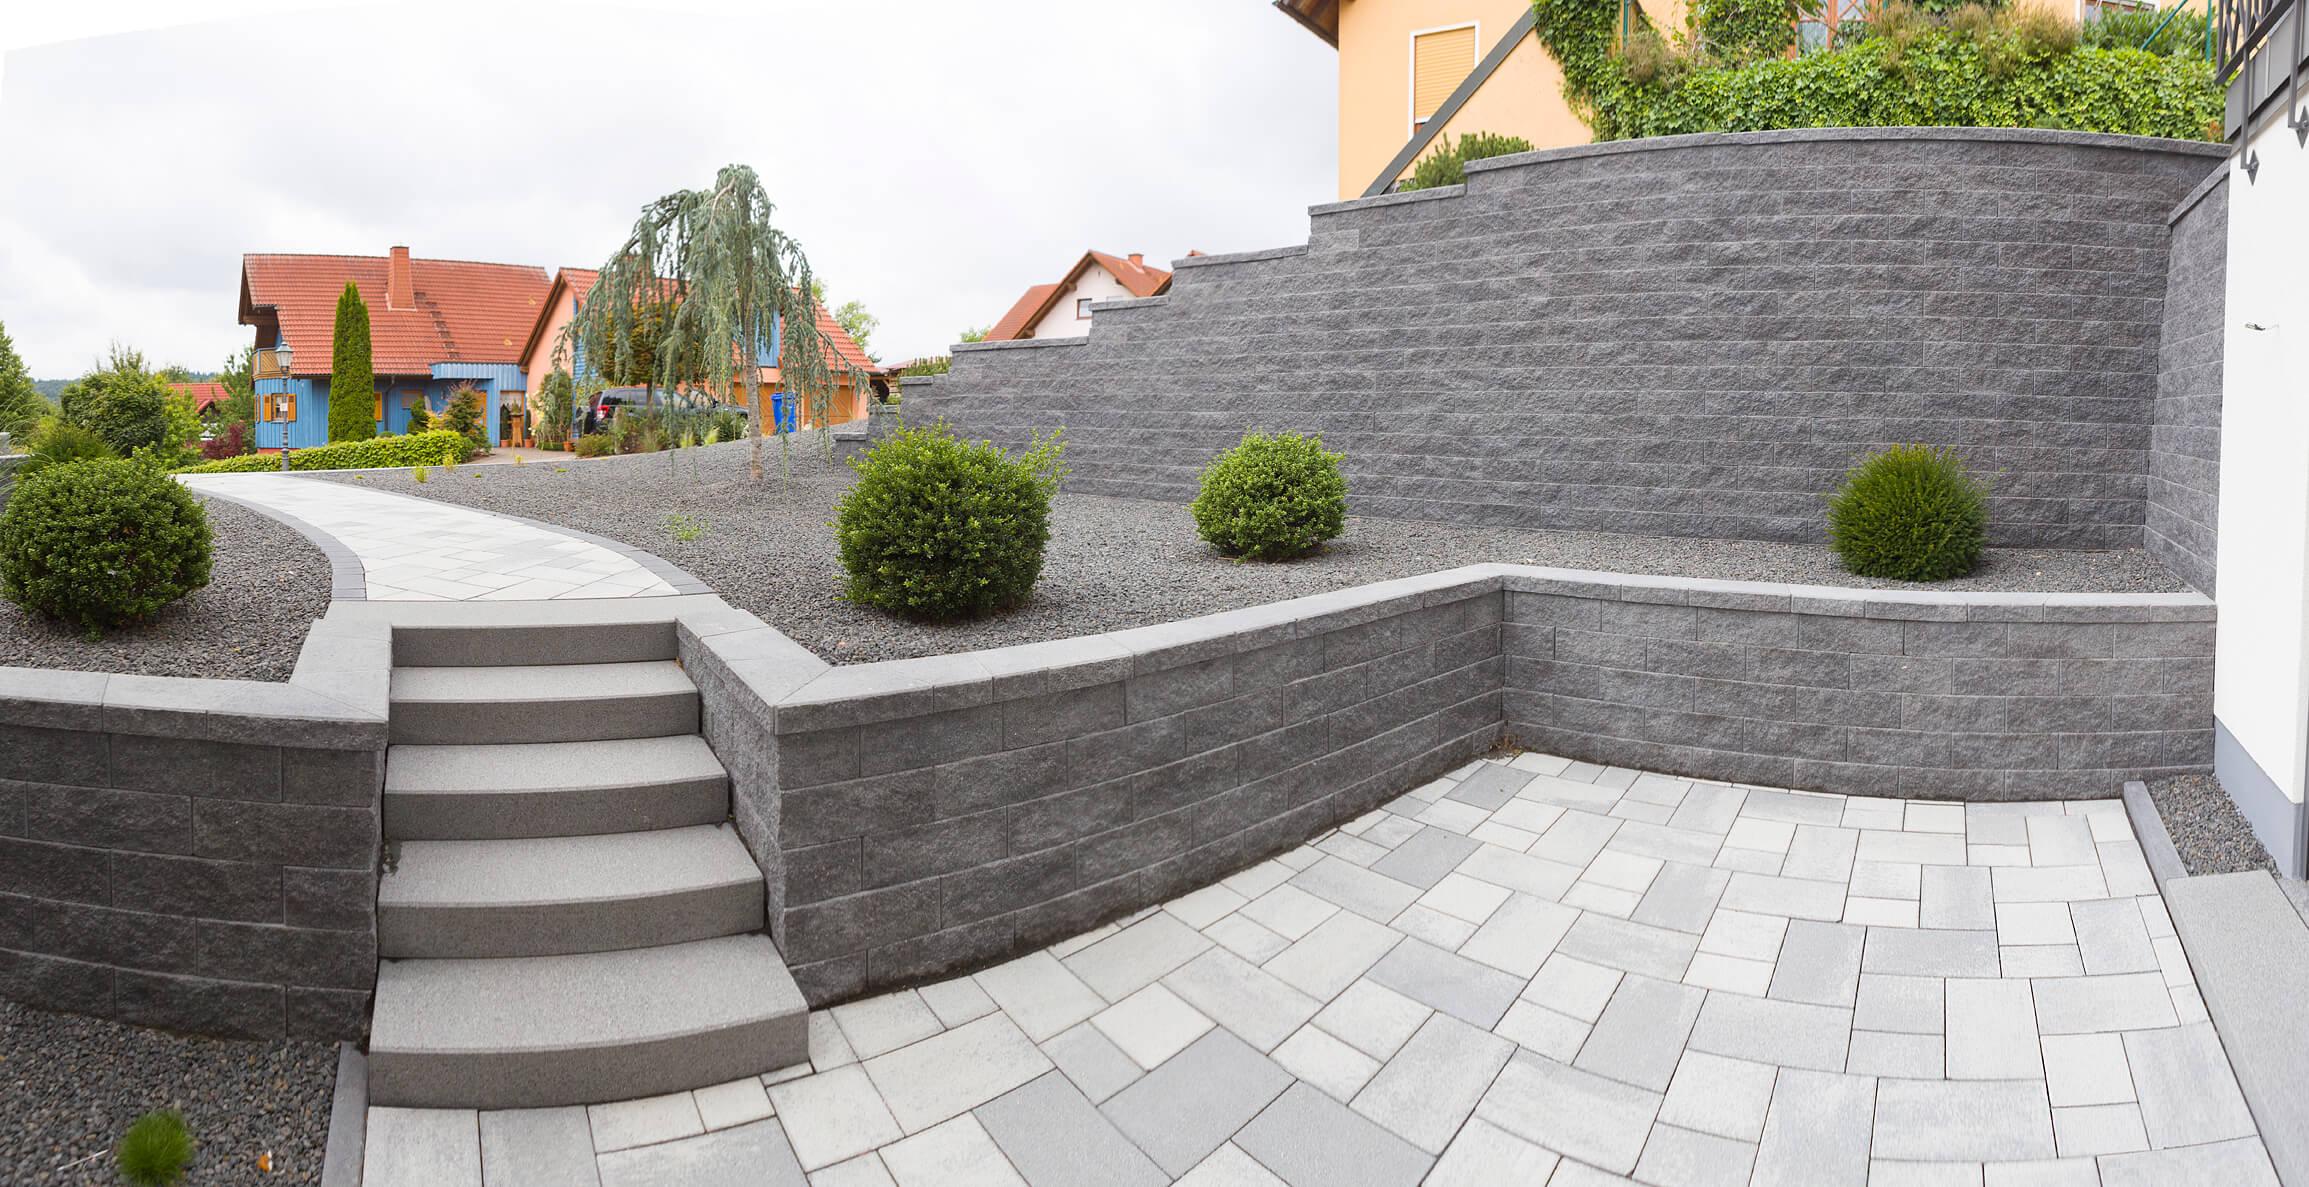 Terrasse mit Pflastersteinen und Mauer in Grau-Anthrazit